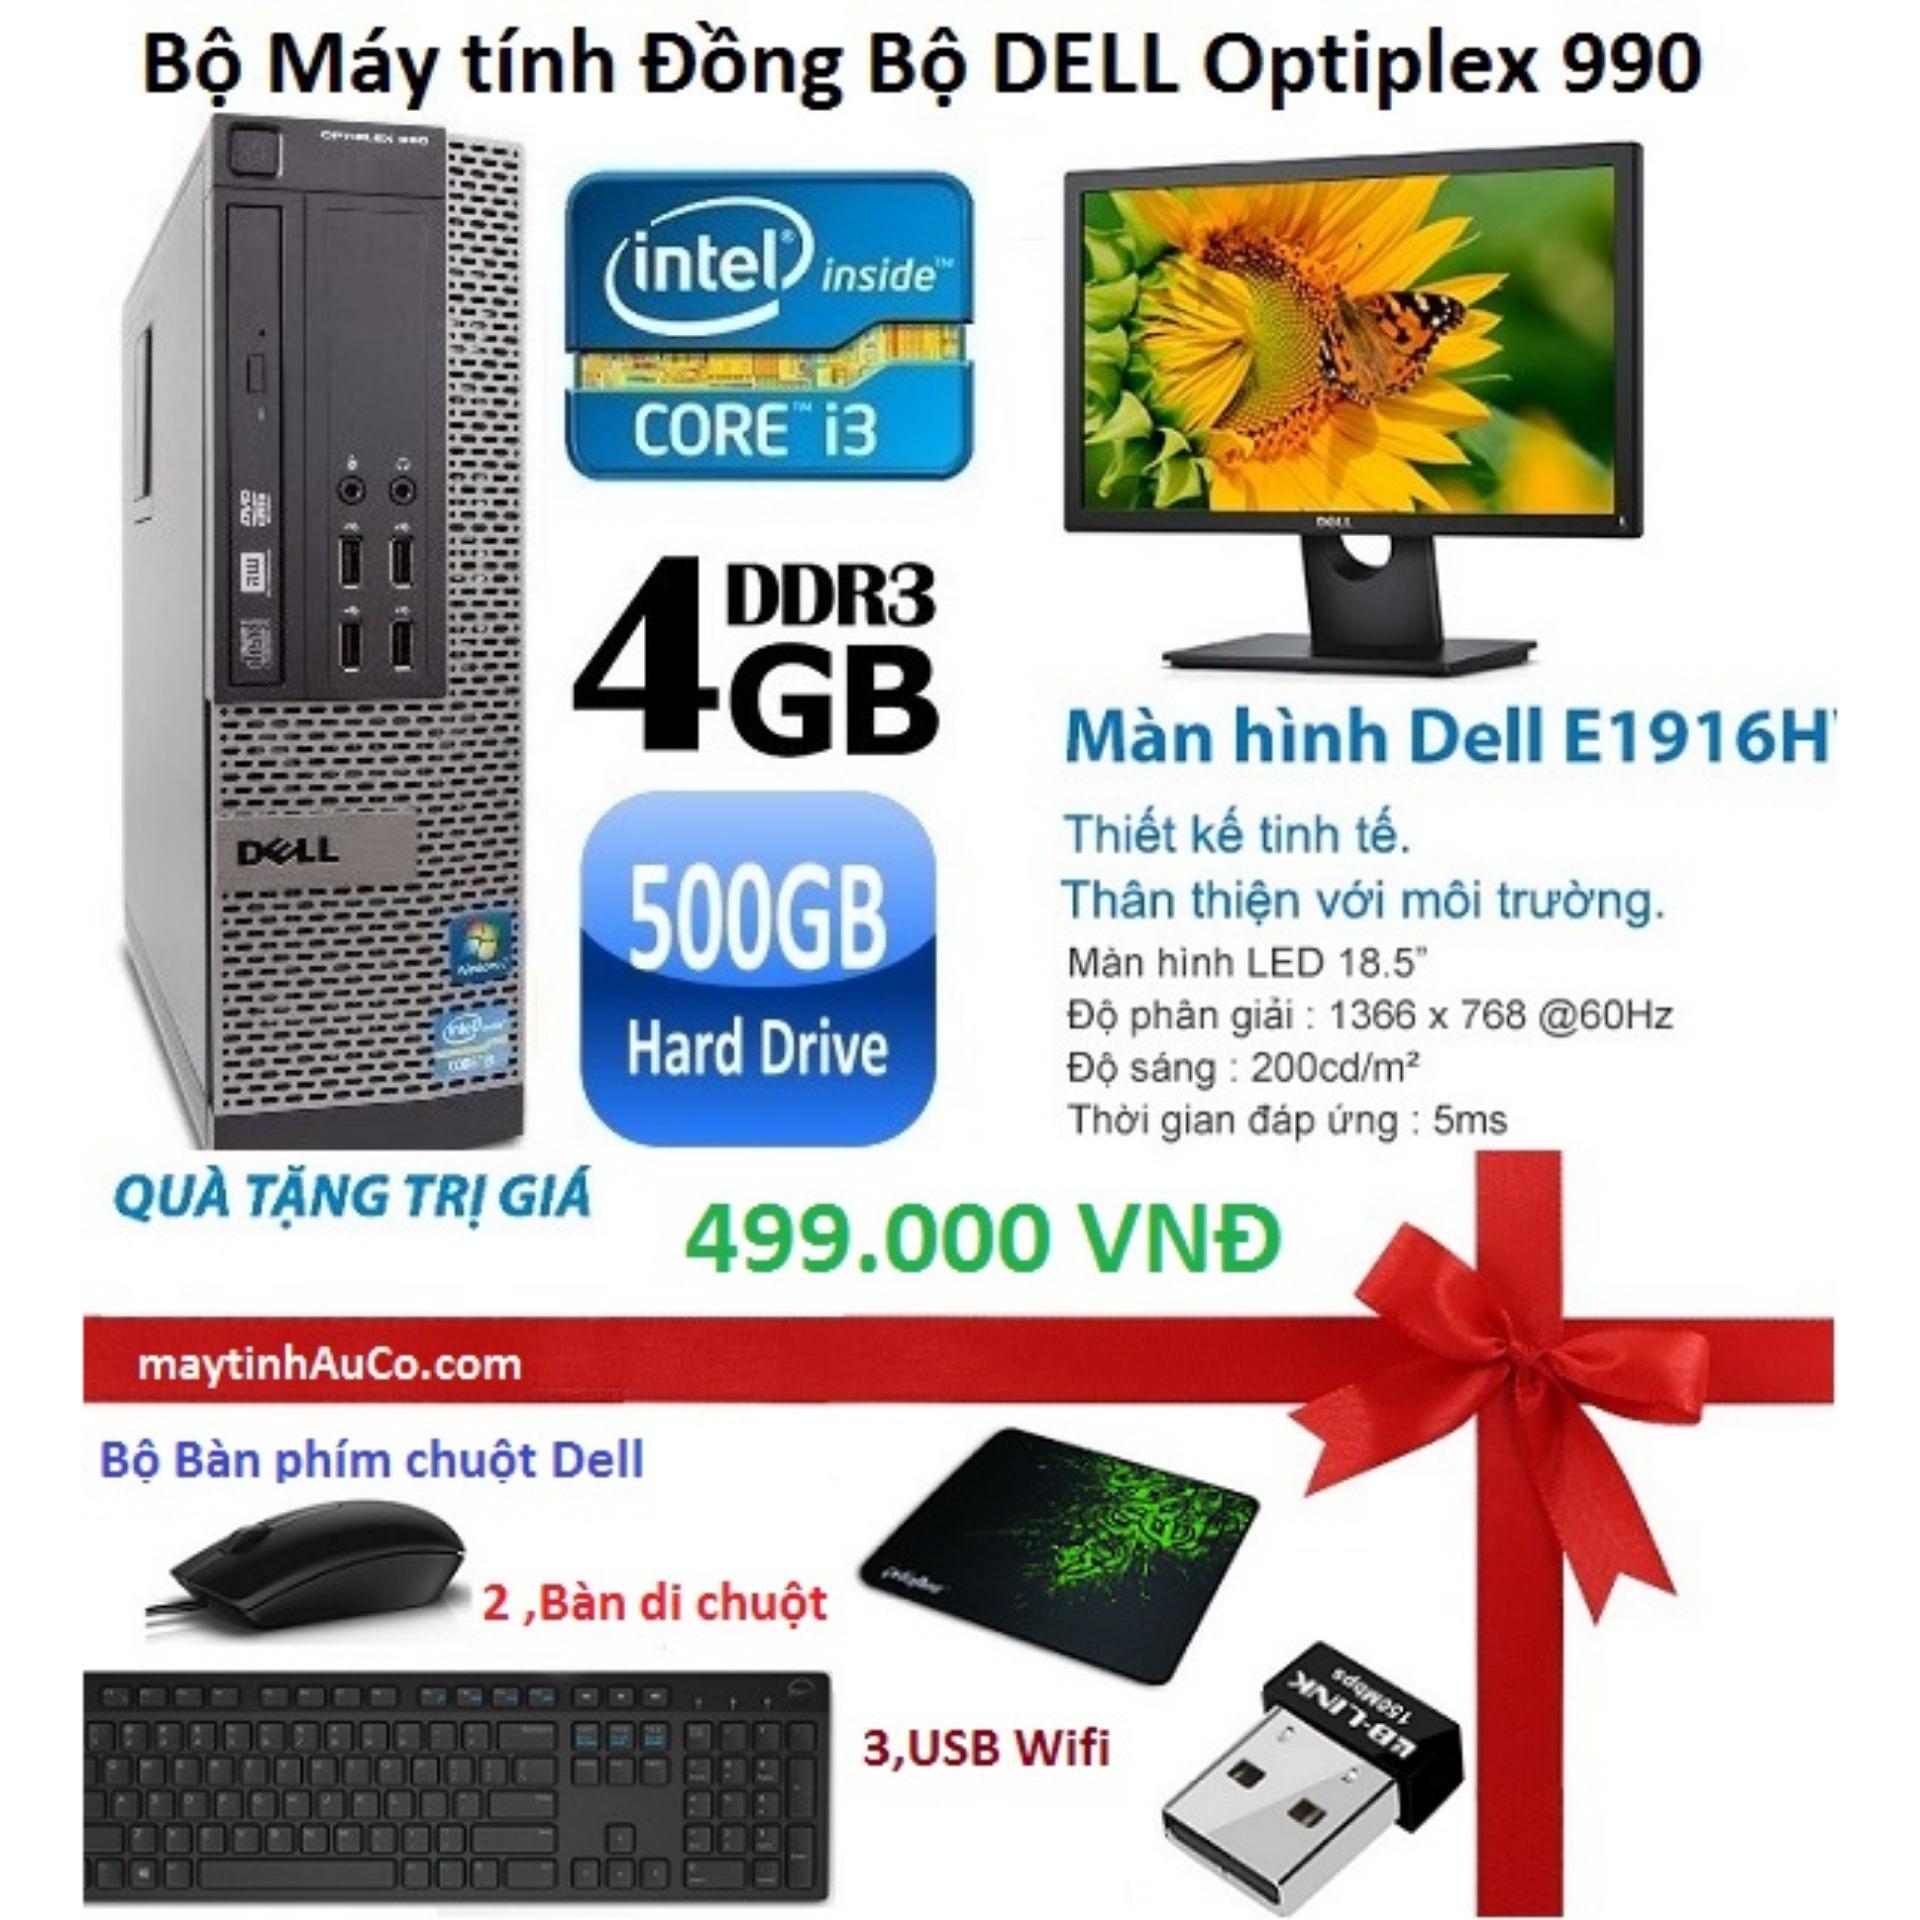 Bộ Máy Tính Đồng Bộ Dell Optiplex 990 ( Corei5 / 4g / 500g